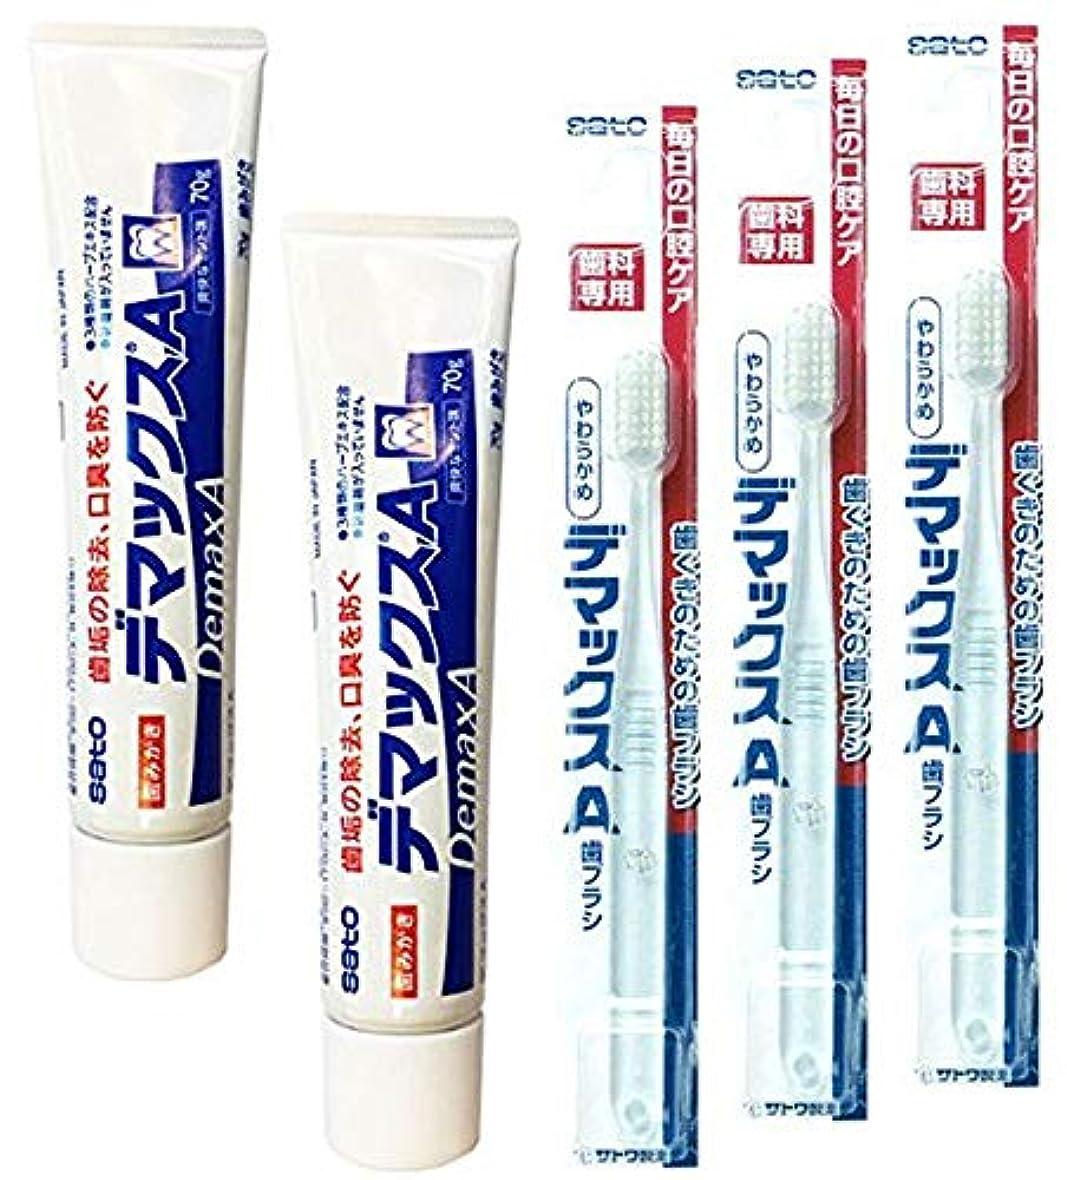 佐藤製薬 デマックスA 歯磨き粉(70g) 2個 + デマックスA 歯ブラシ 3本 セット